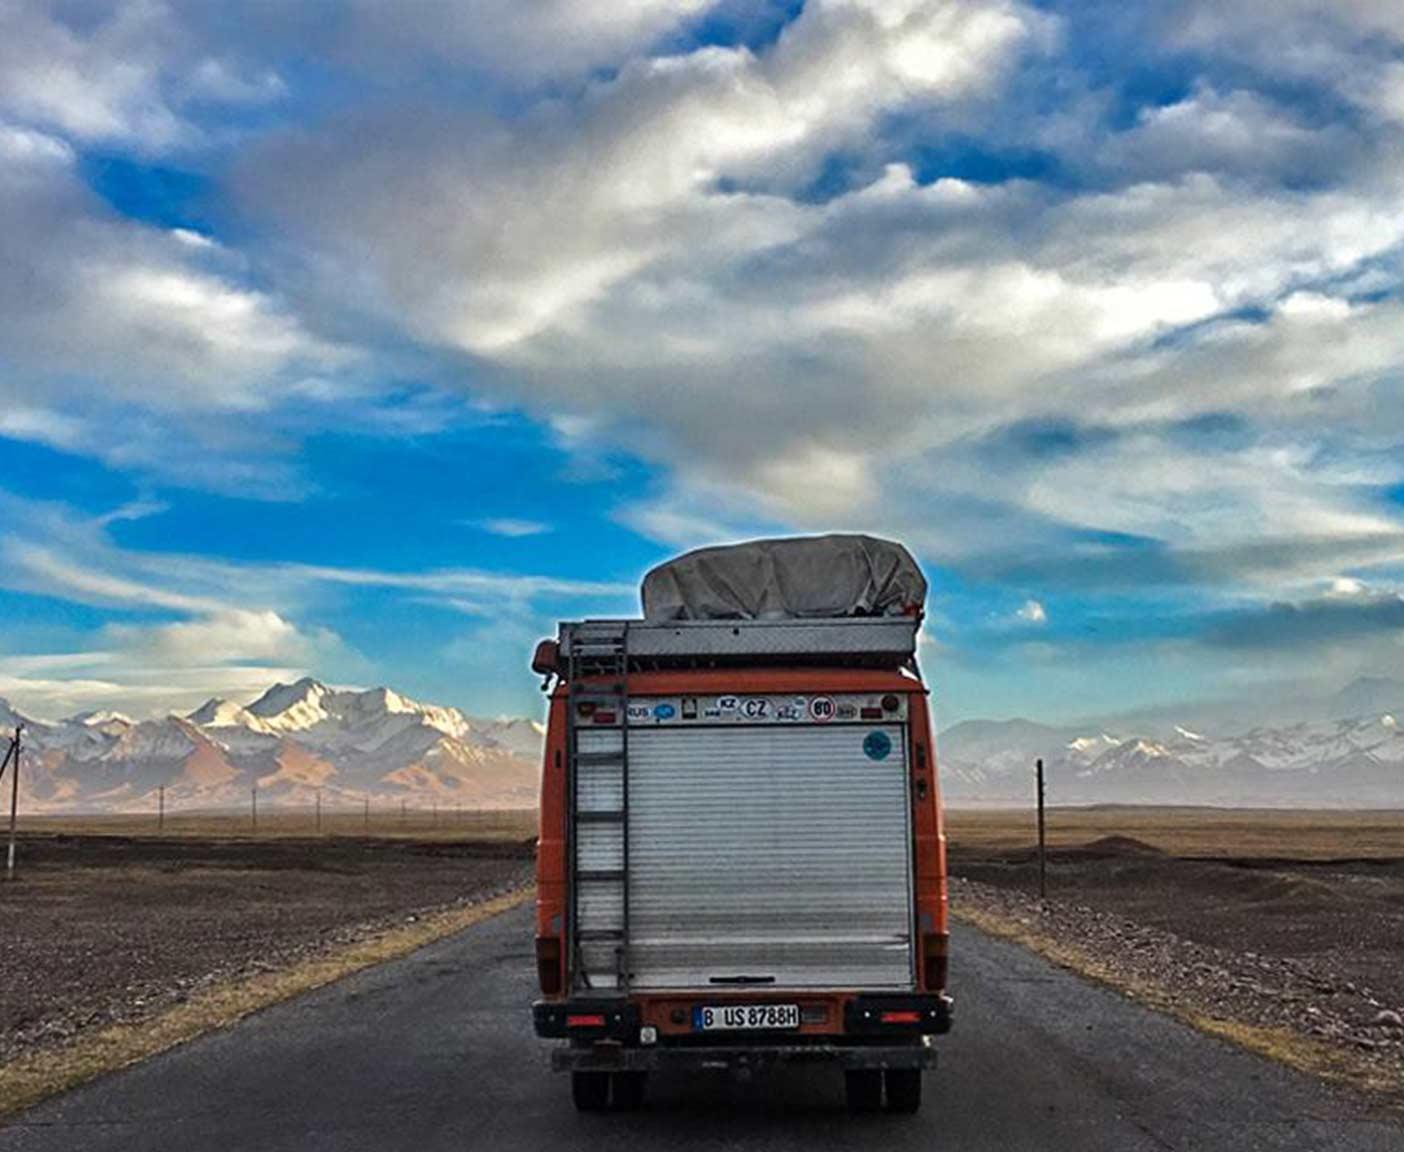 pamir-highway-m41-motorrad-auto-wohnmobil-camper-laenge-kyrgyzstan-guide-2017-2018-2019-china-afghanistan-korogh-6